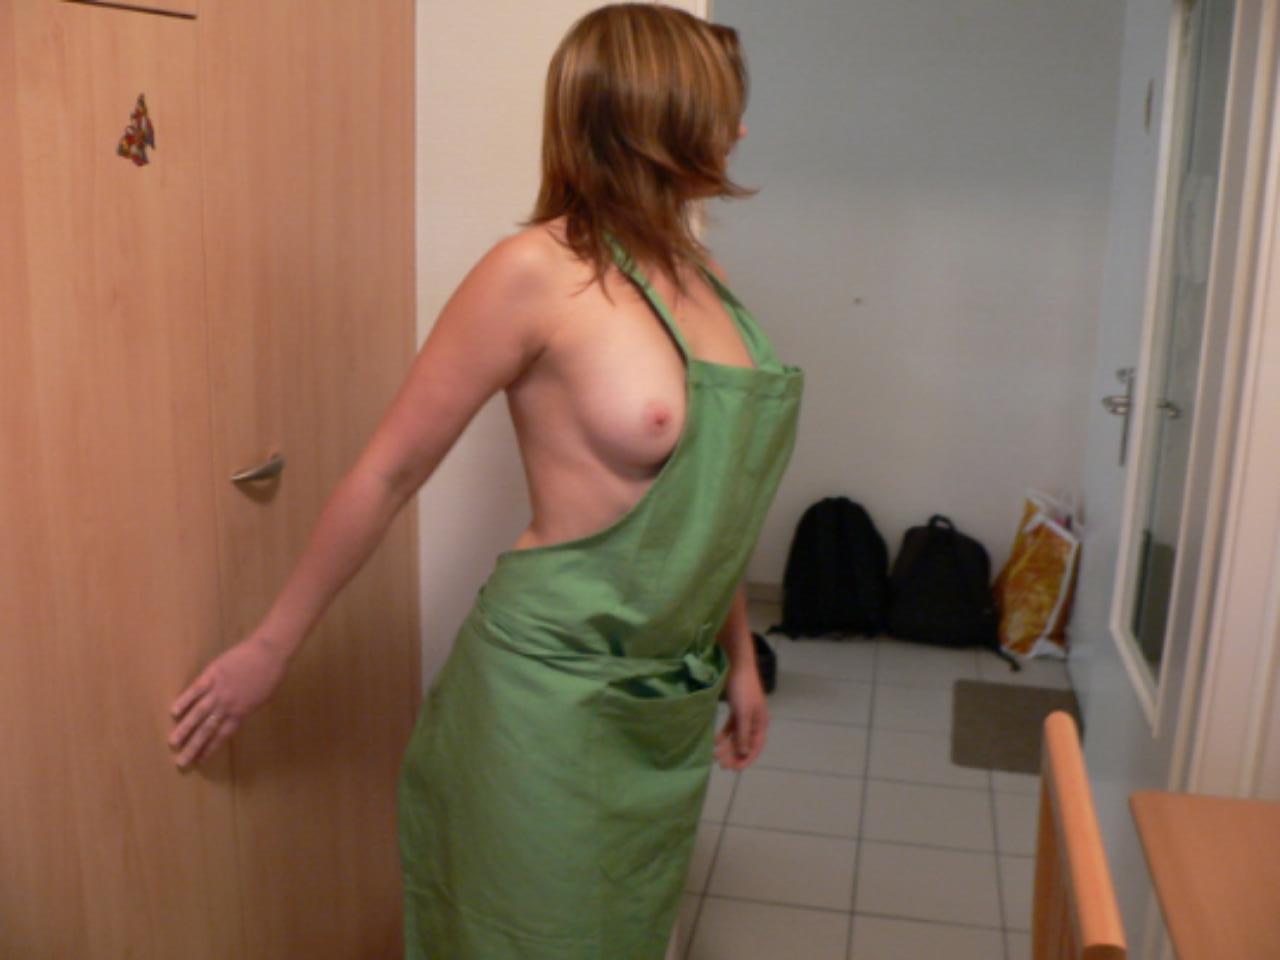 【コスプレエロ画像】玄関開けたら光の速さで即ハボしたい!ハミ乳モロ尻の裸エプロン妻(*゚∀゚)=3